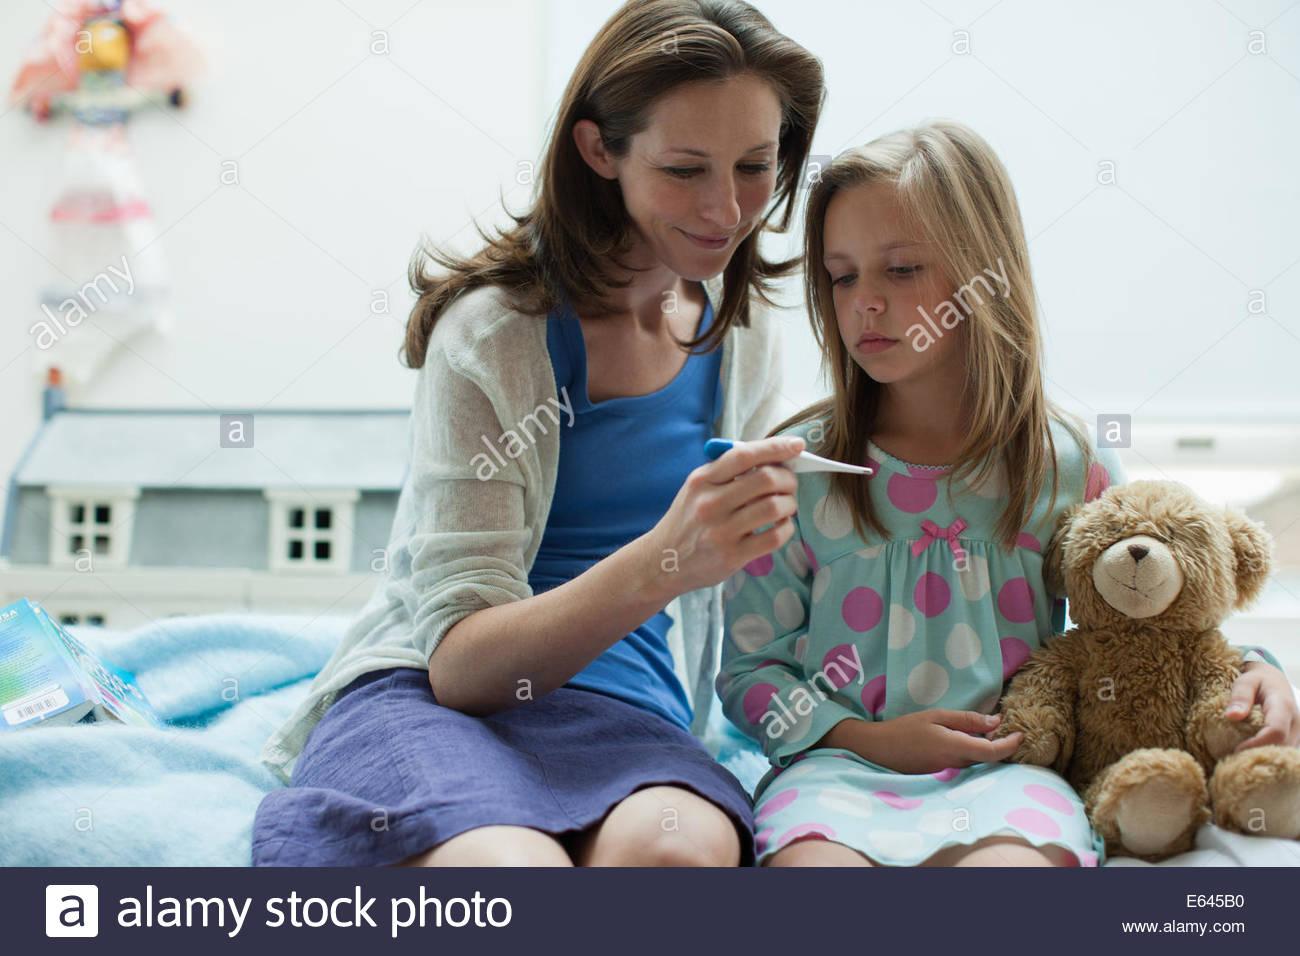 Comprobación de la temperatura de la madre daughtercon termómetro digital Imagen De Stock